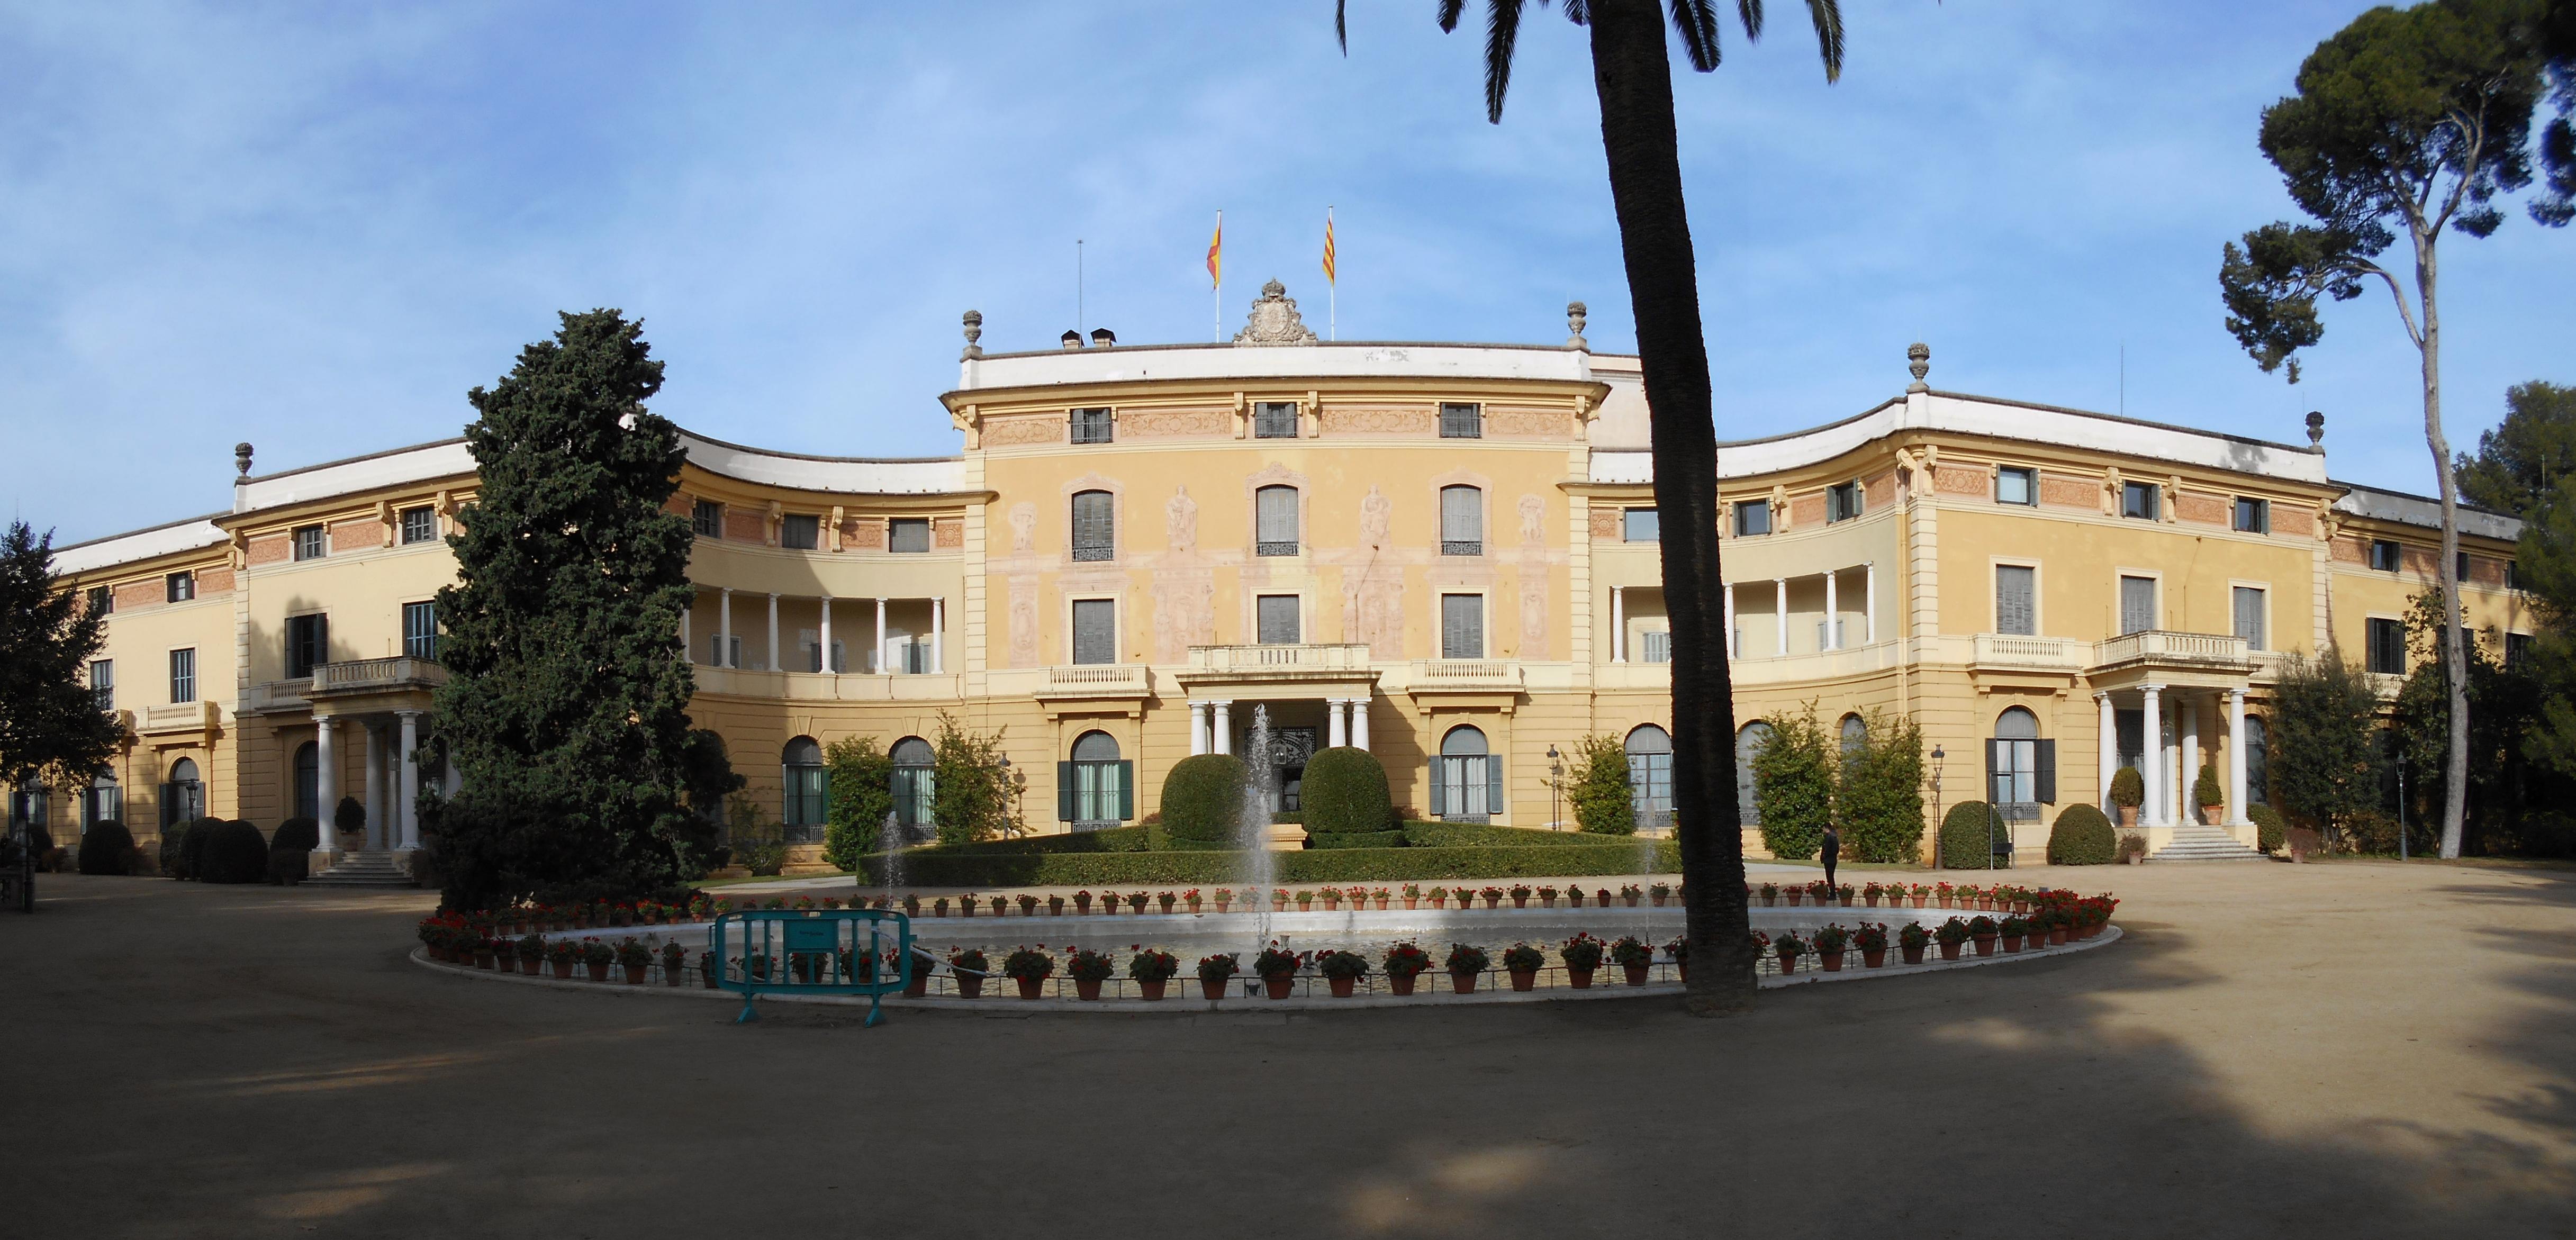 Visita als jardins del Palau de Pedralbes